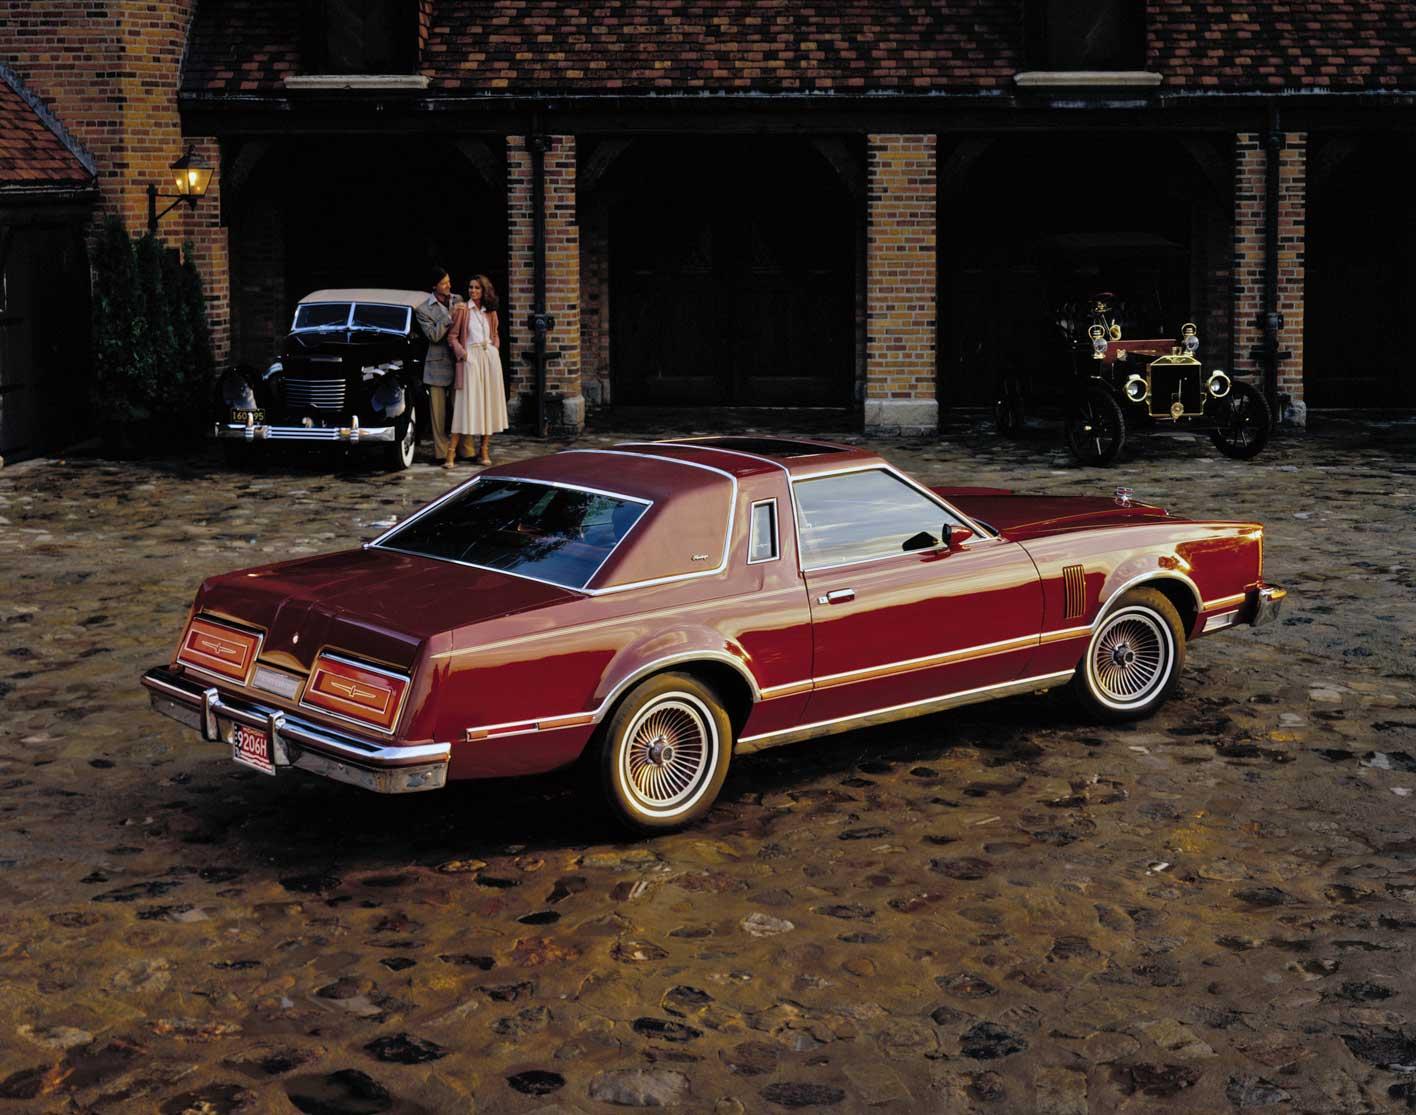 les plus belles photos de la Ford Fairmont Futura en version coupé et berline Ford_fairmont_futura_belle_photo_0015